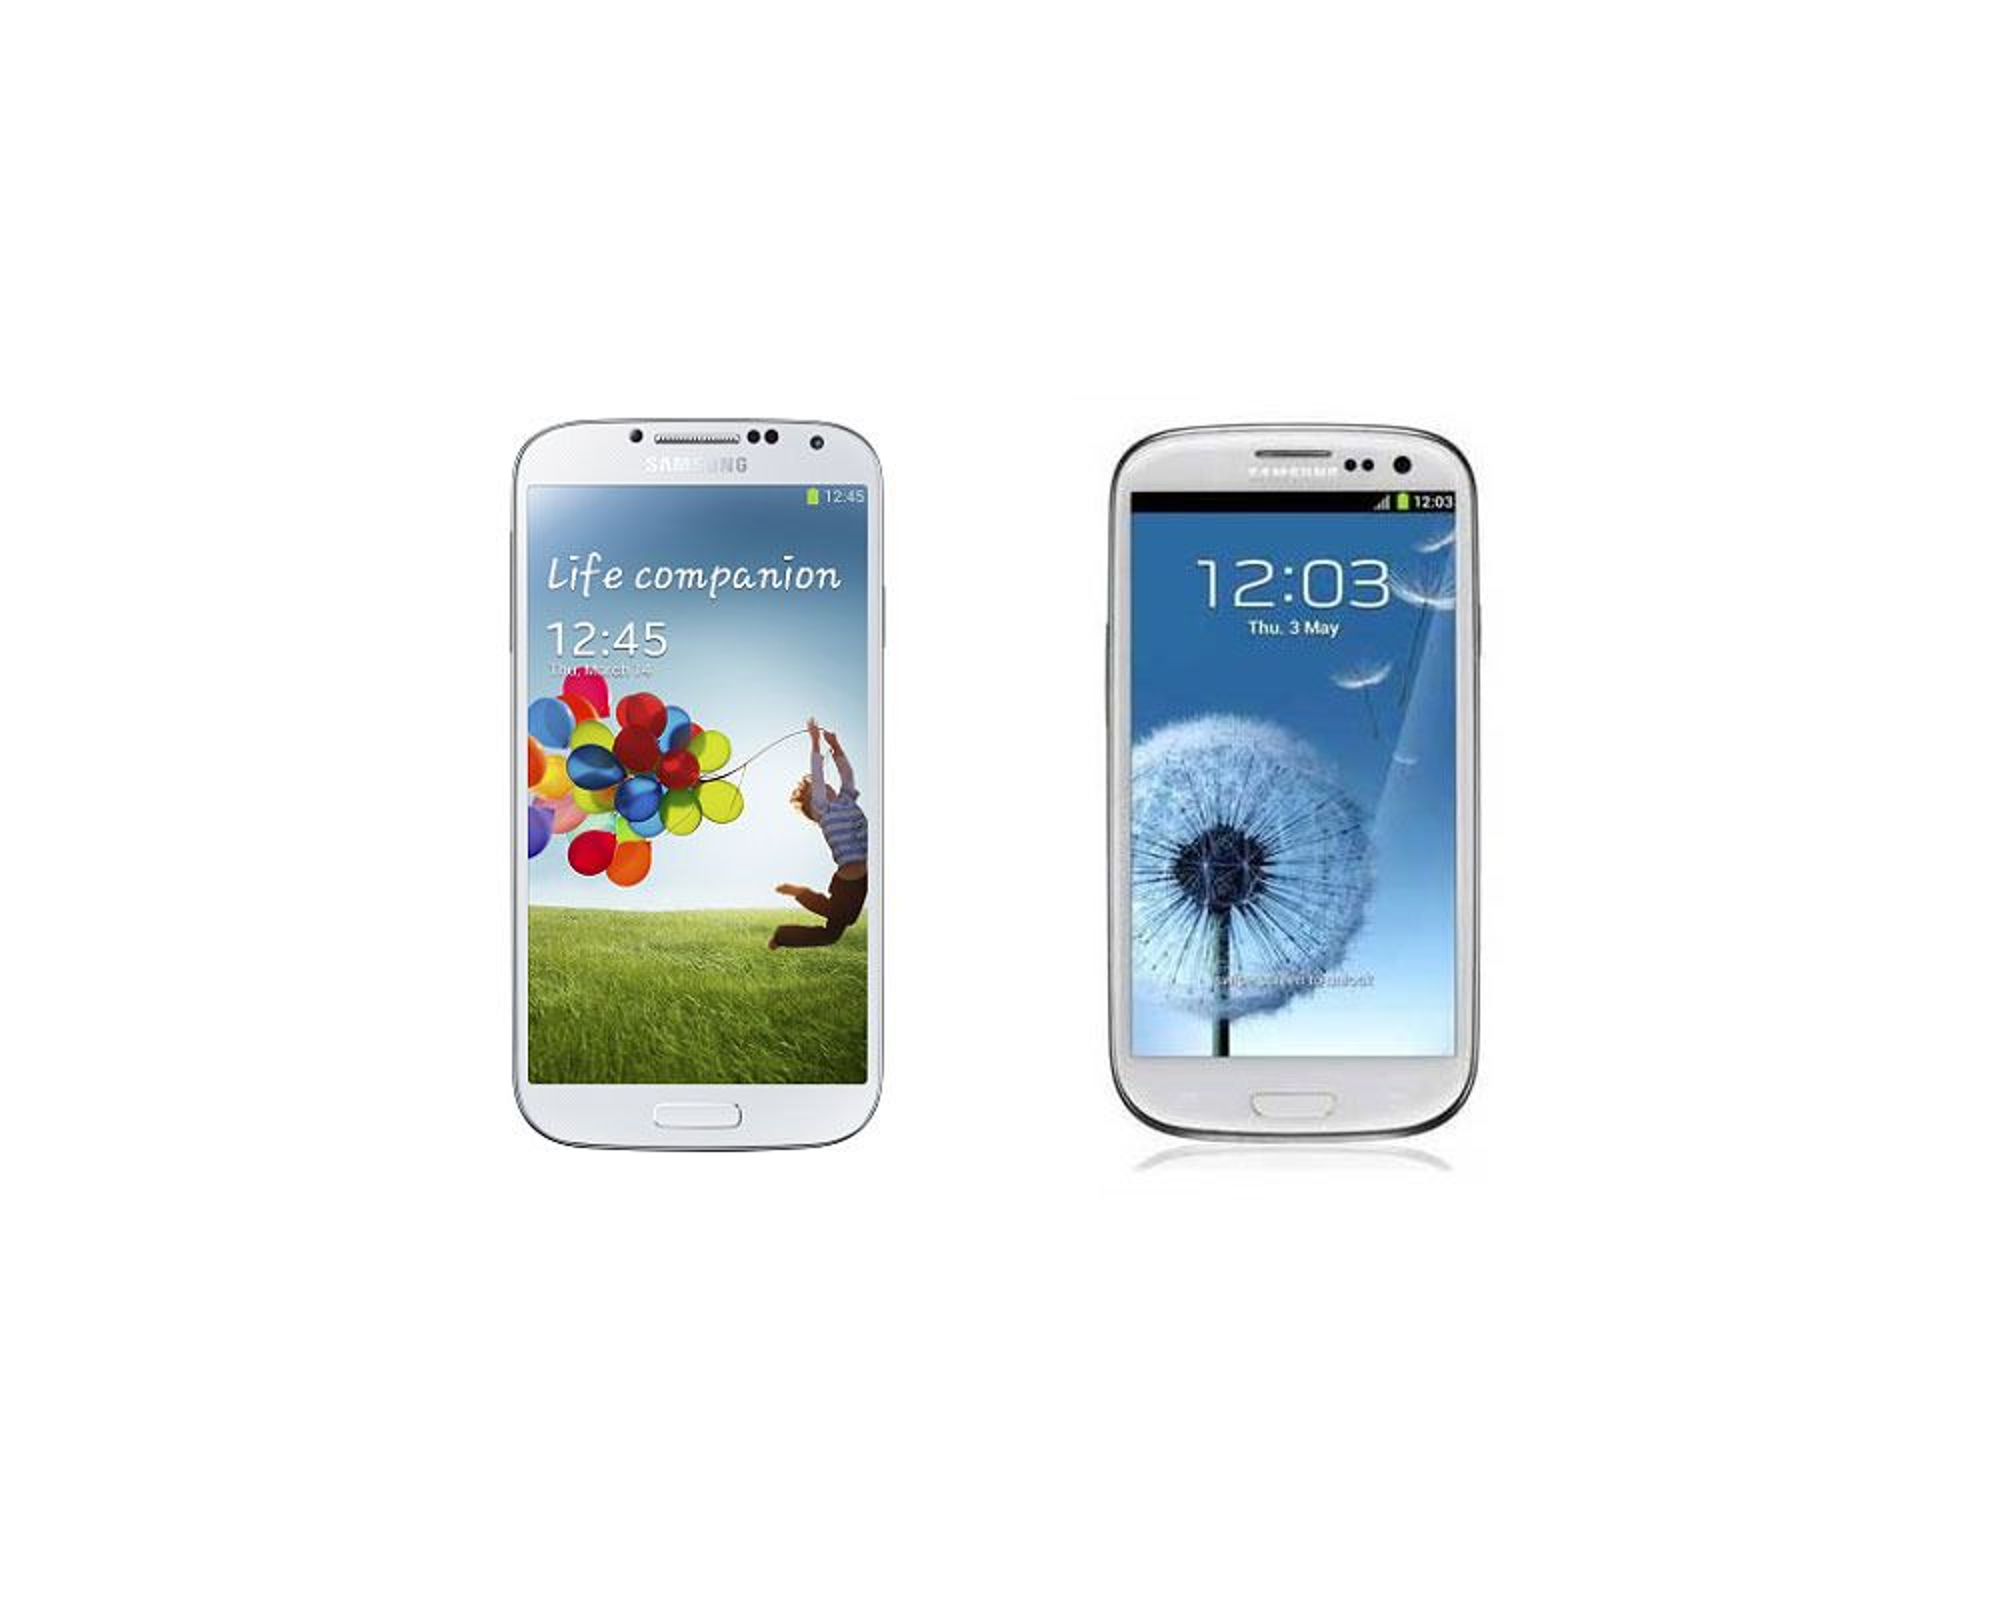 Android 4.3 til Galaxy S3 og S4